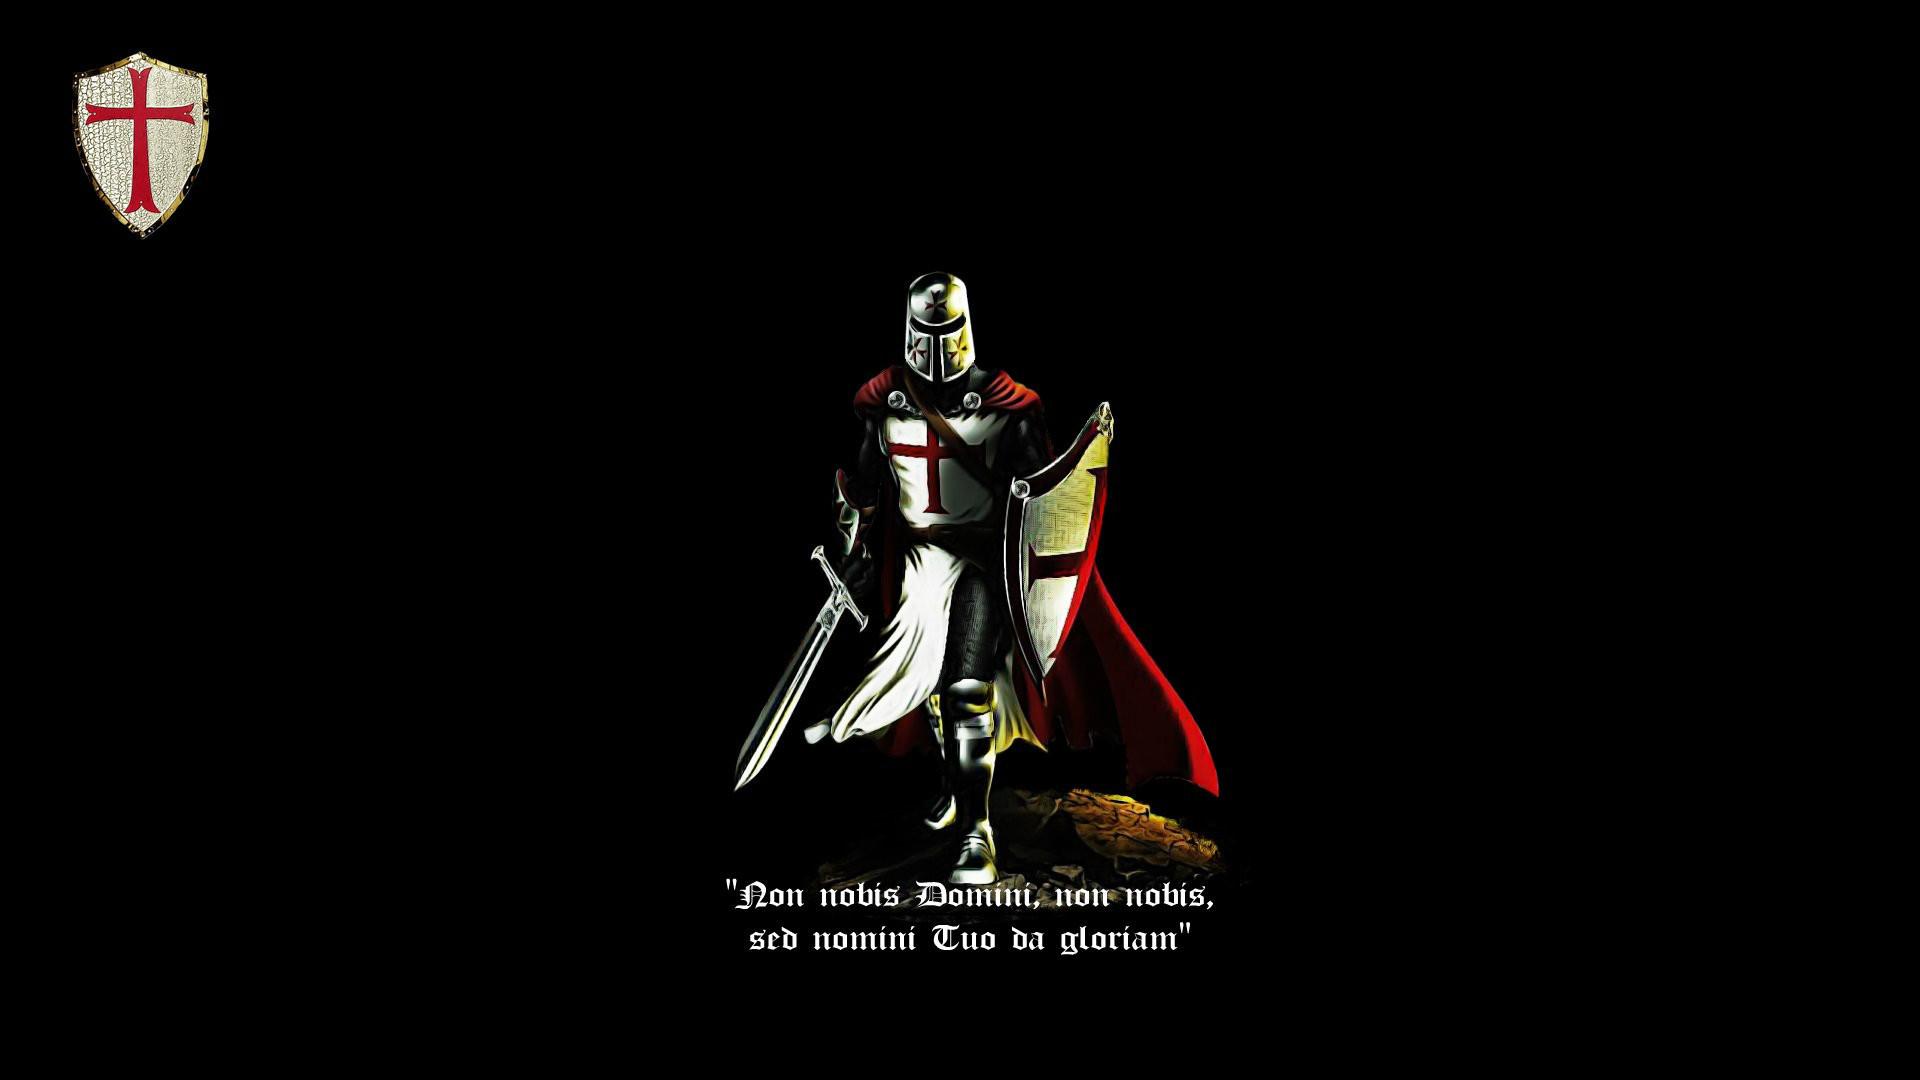 Knight cross knight templar latin crusader cattolic black red 1680x1050